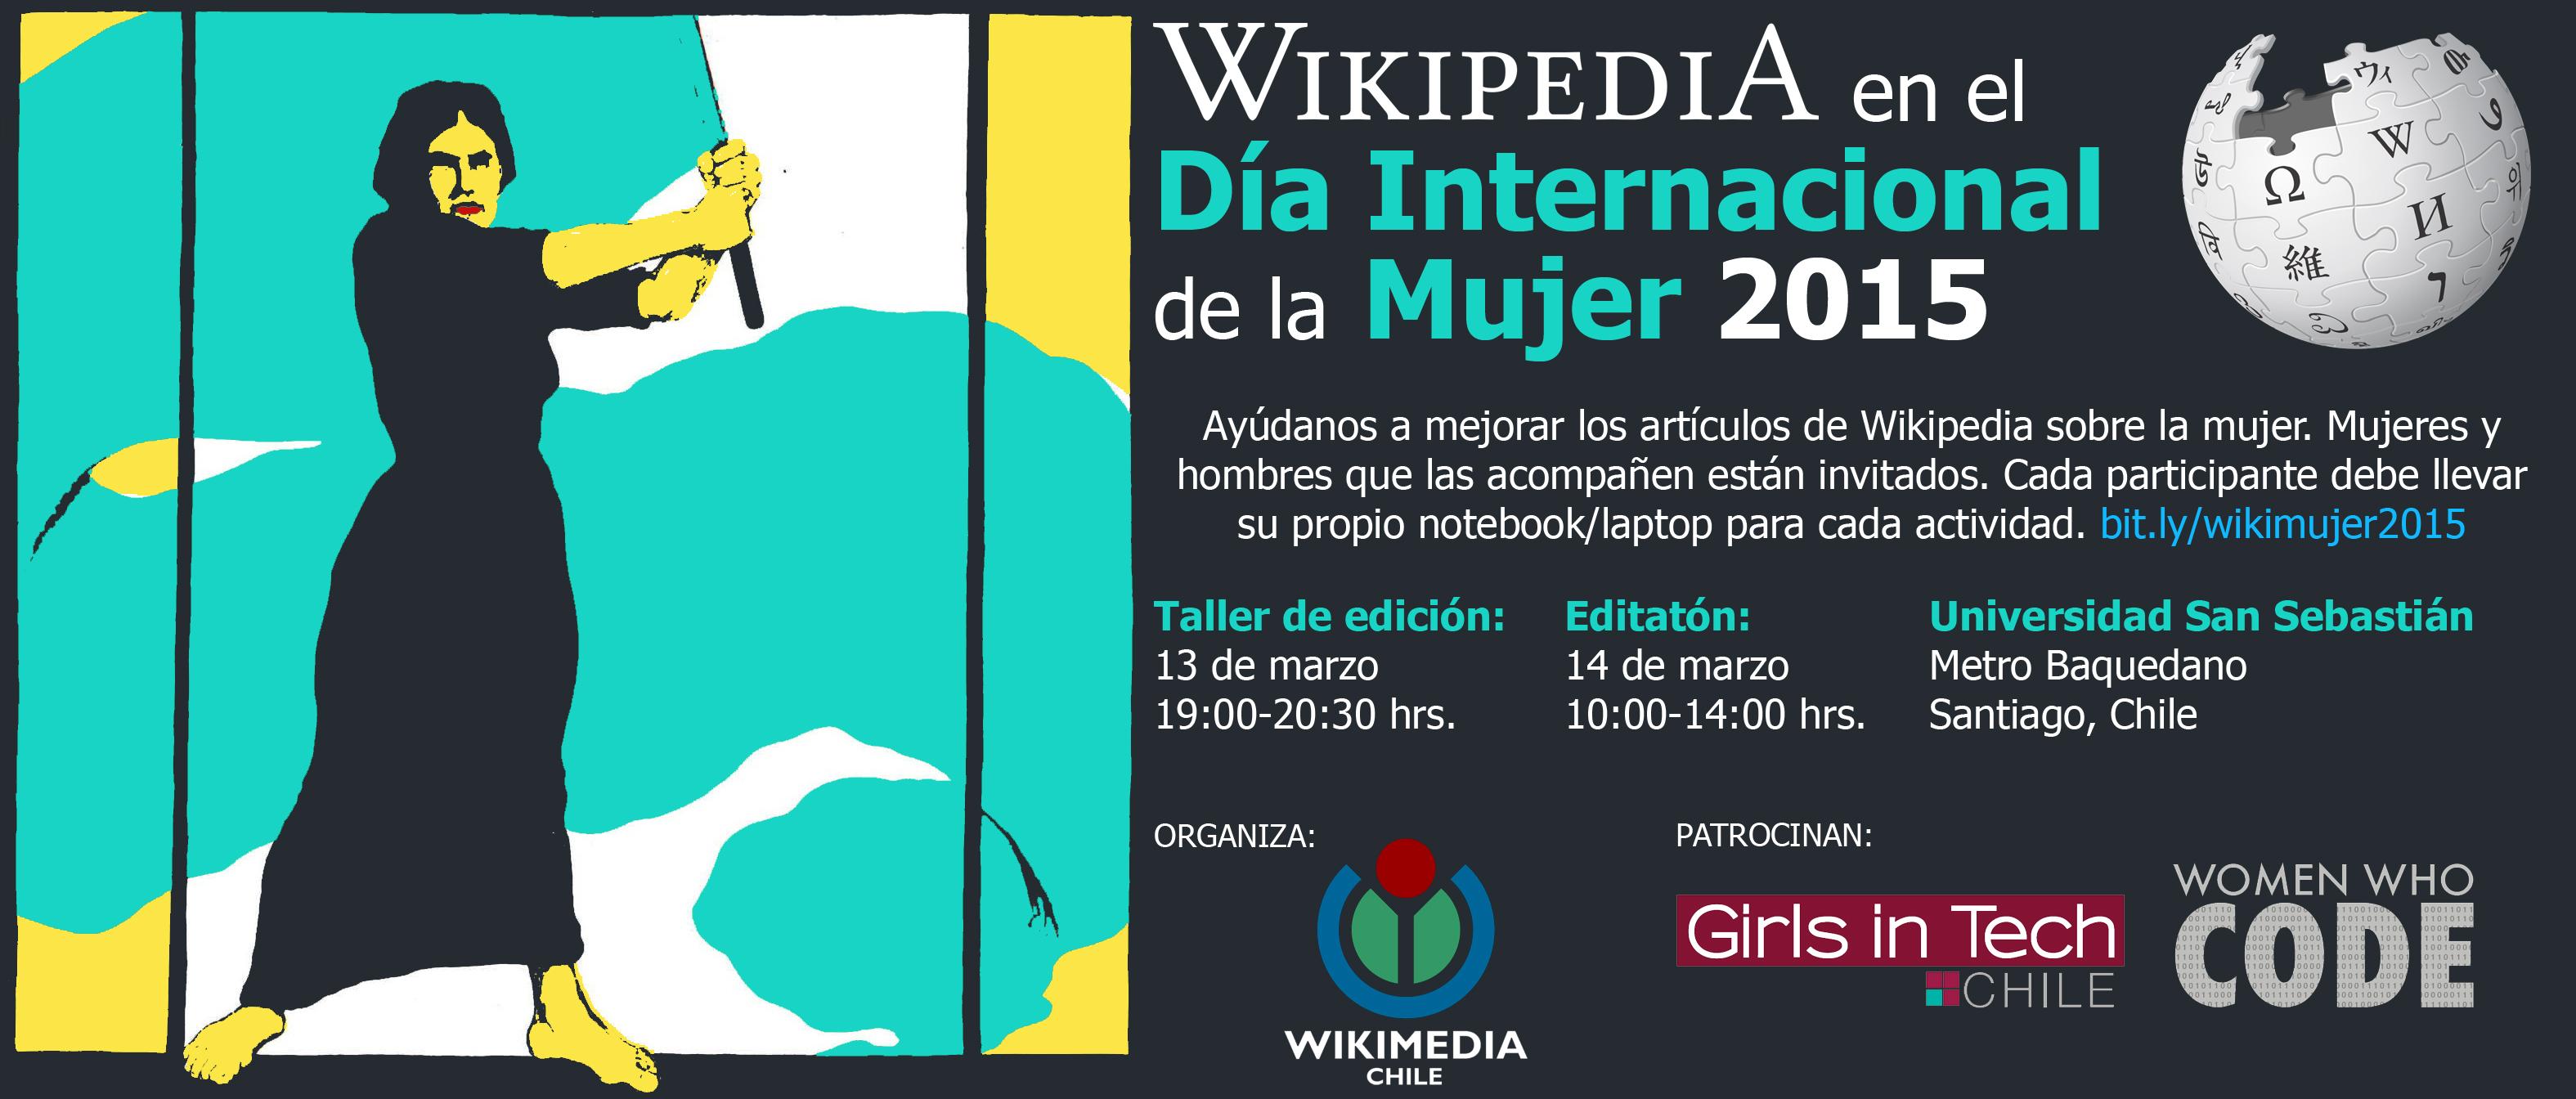 Afiche del Wiki Celebración Día Internacional de Mujer 2015